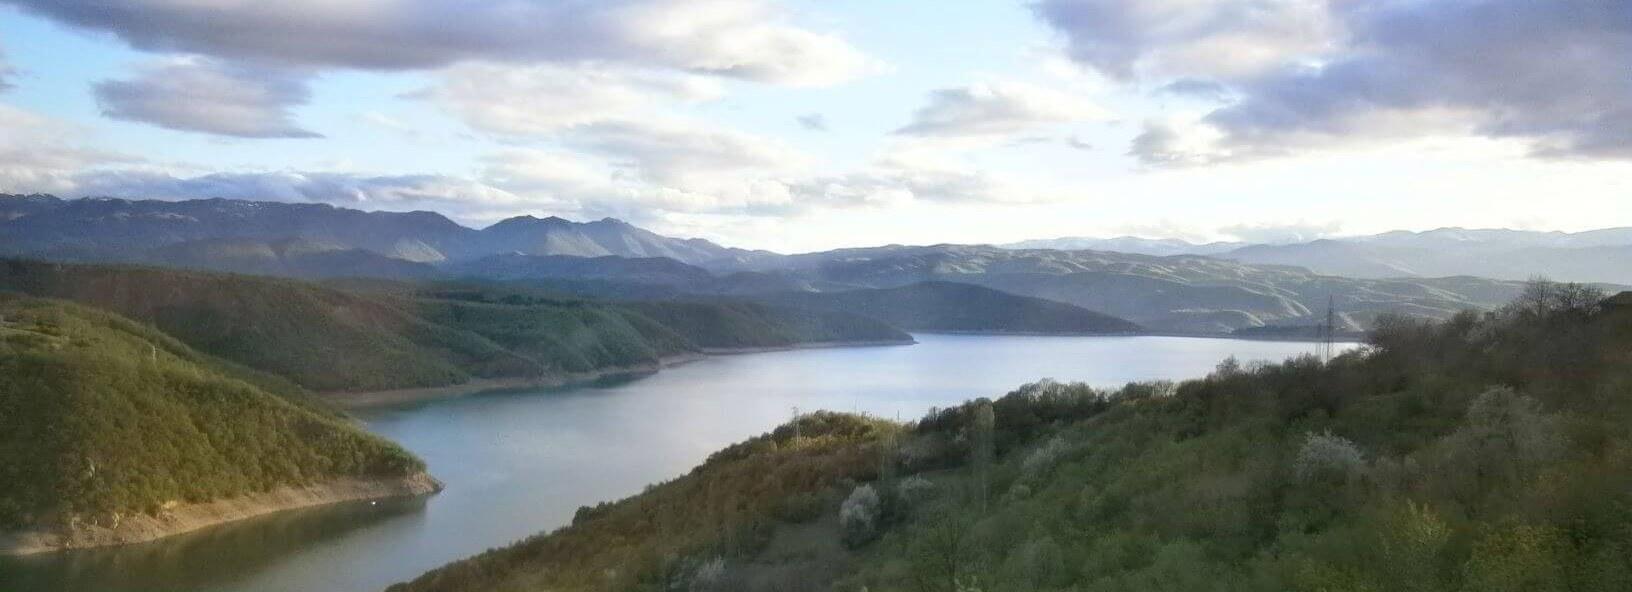 Tamo gdje žarko sunce sja: Makedonija – Izvor Vardara